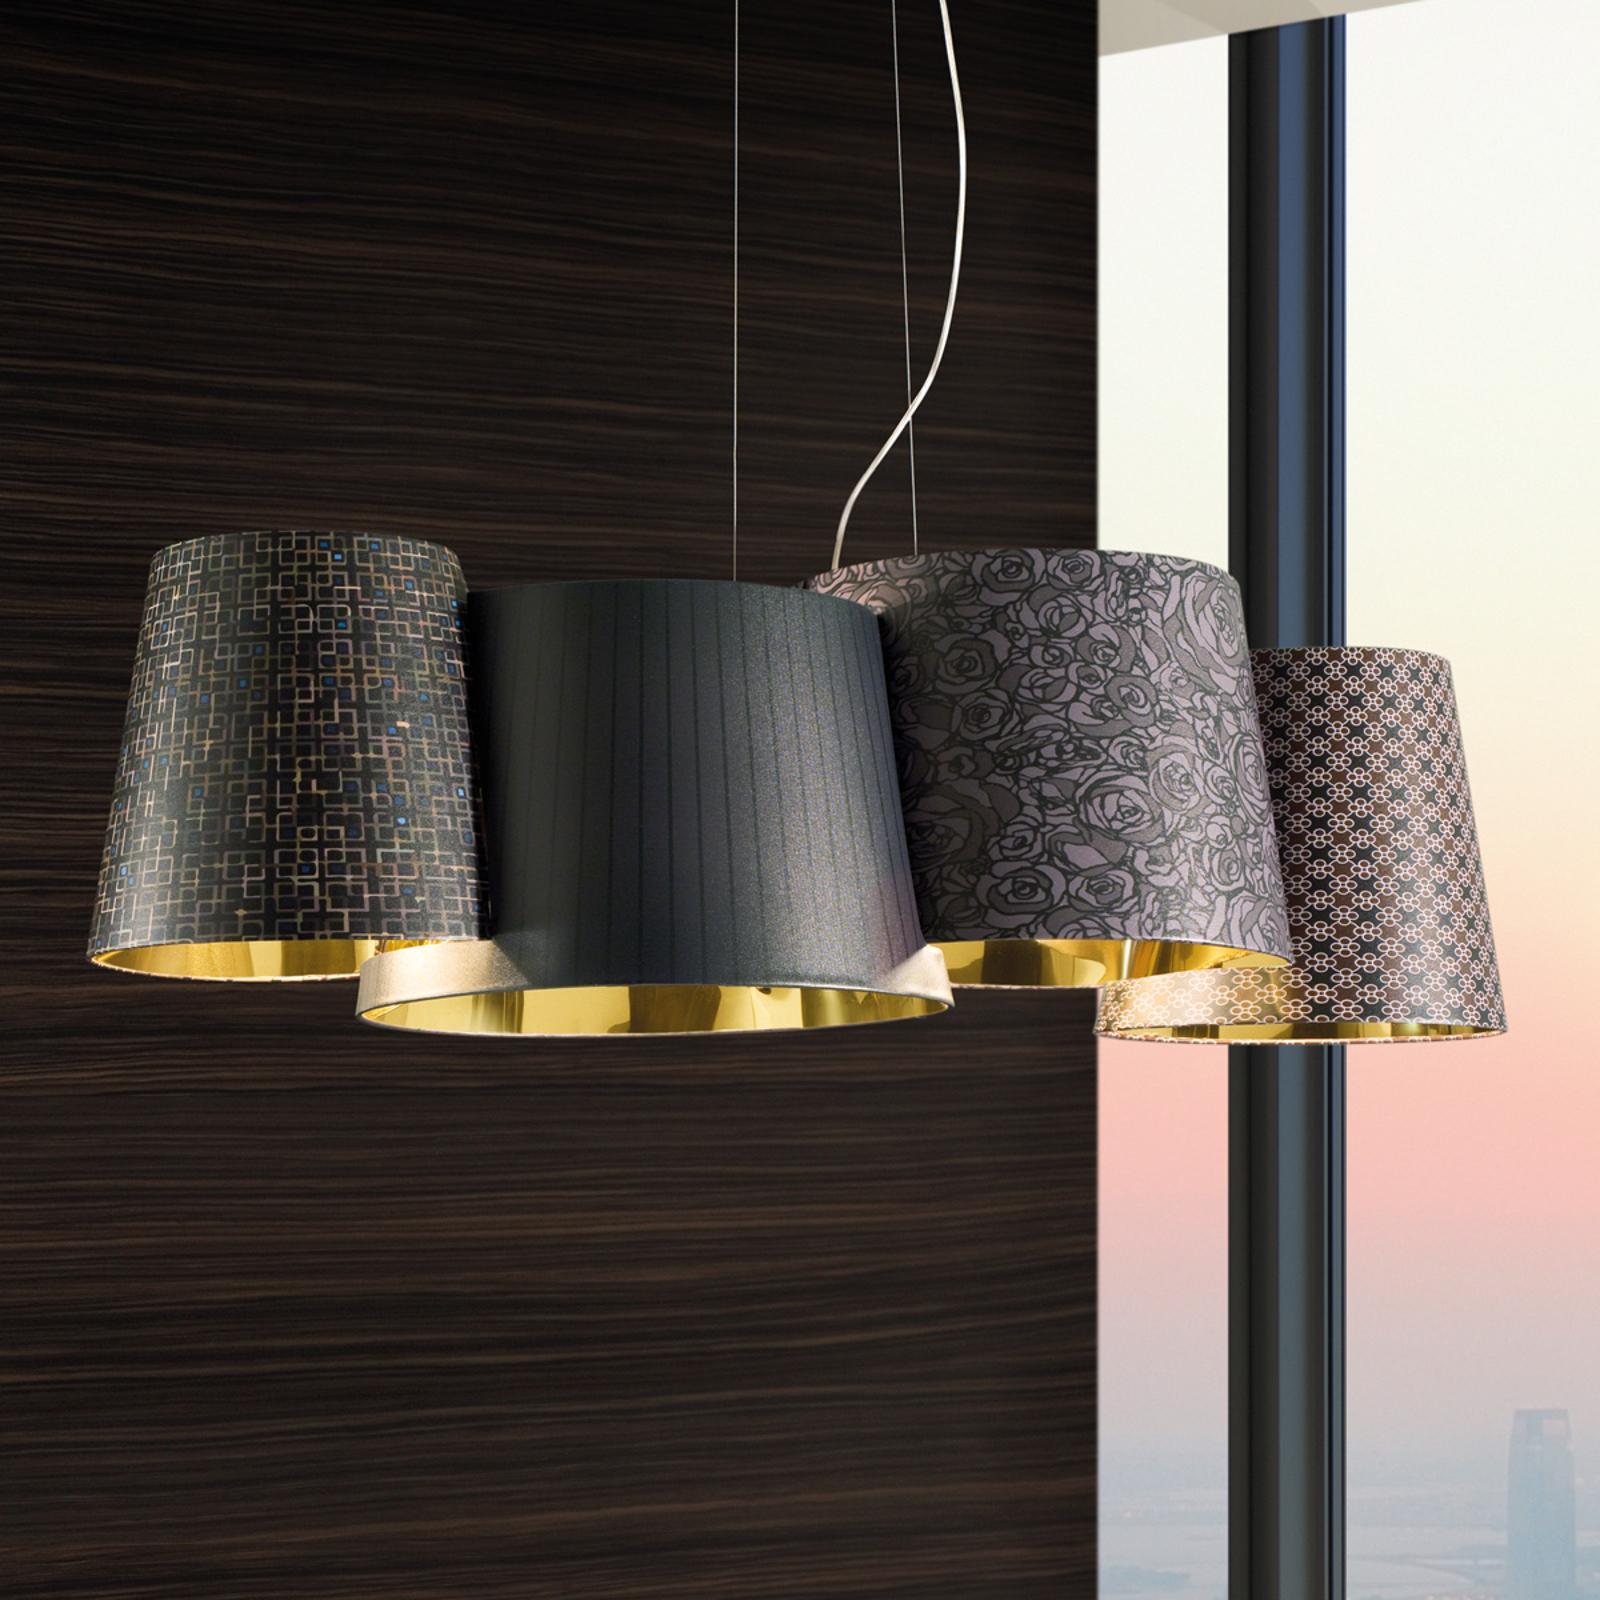 Lampa wisząca Melting Pot - z ciemnym wzorem